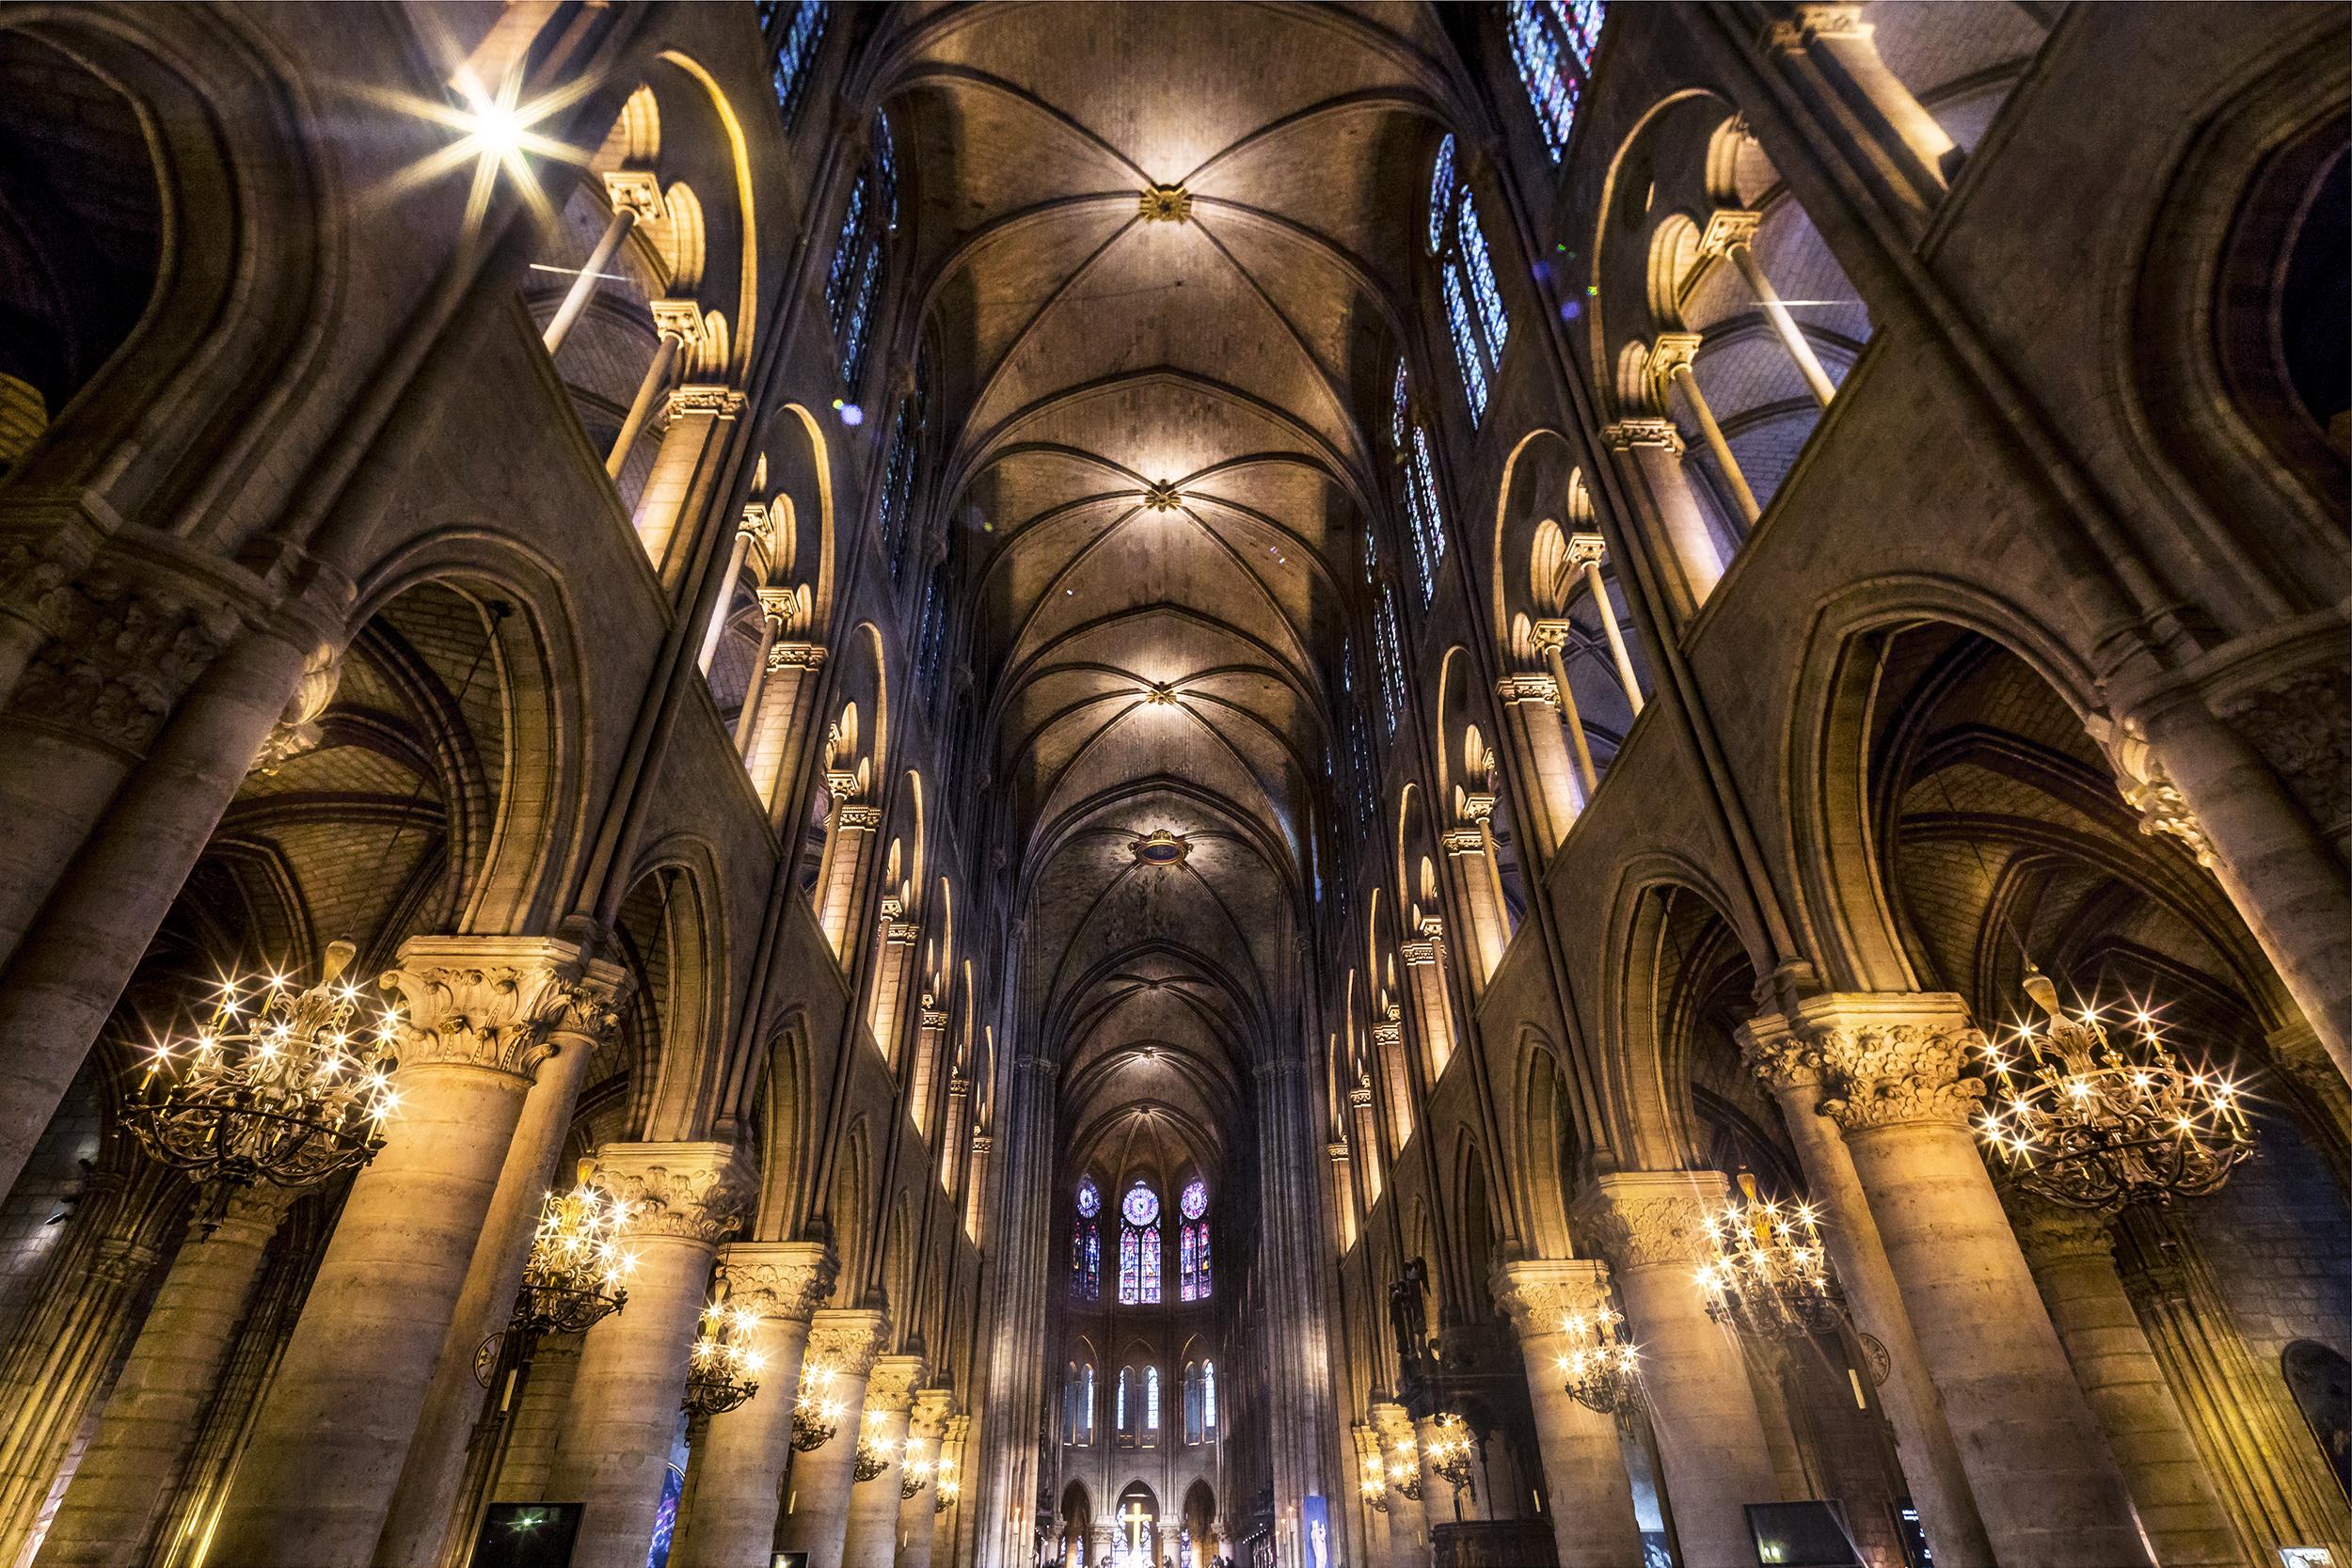 fotografia-de-arquitetura-interiores-31.jpg